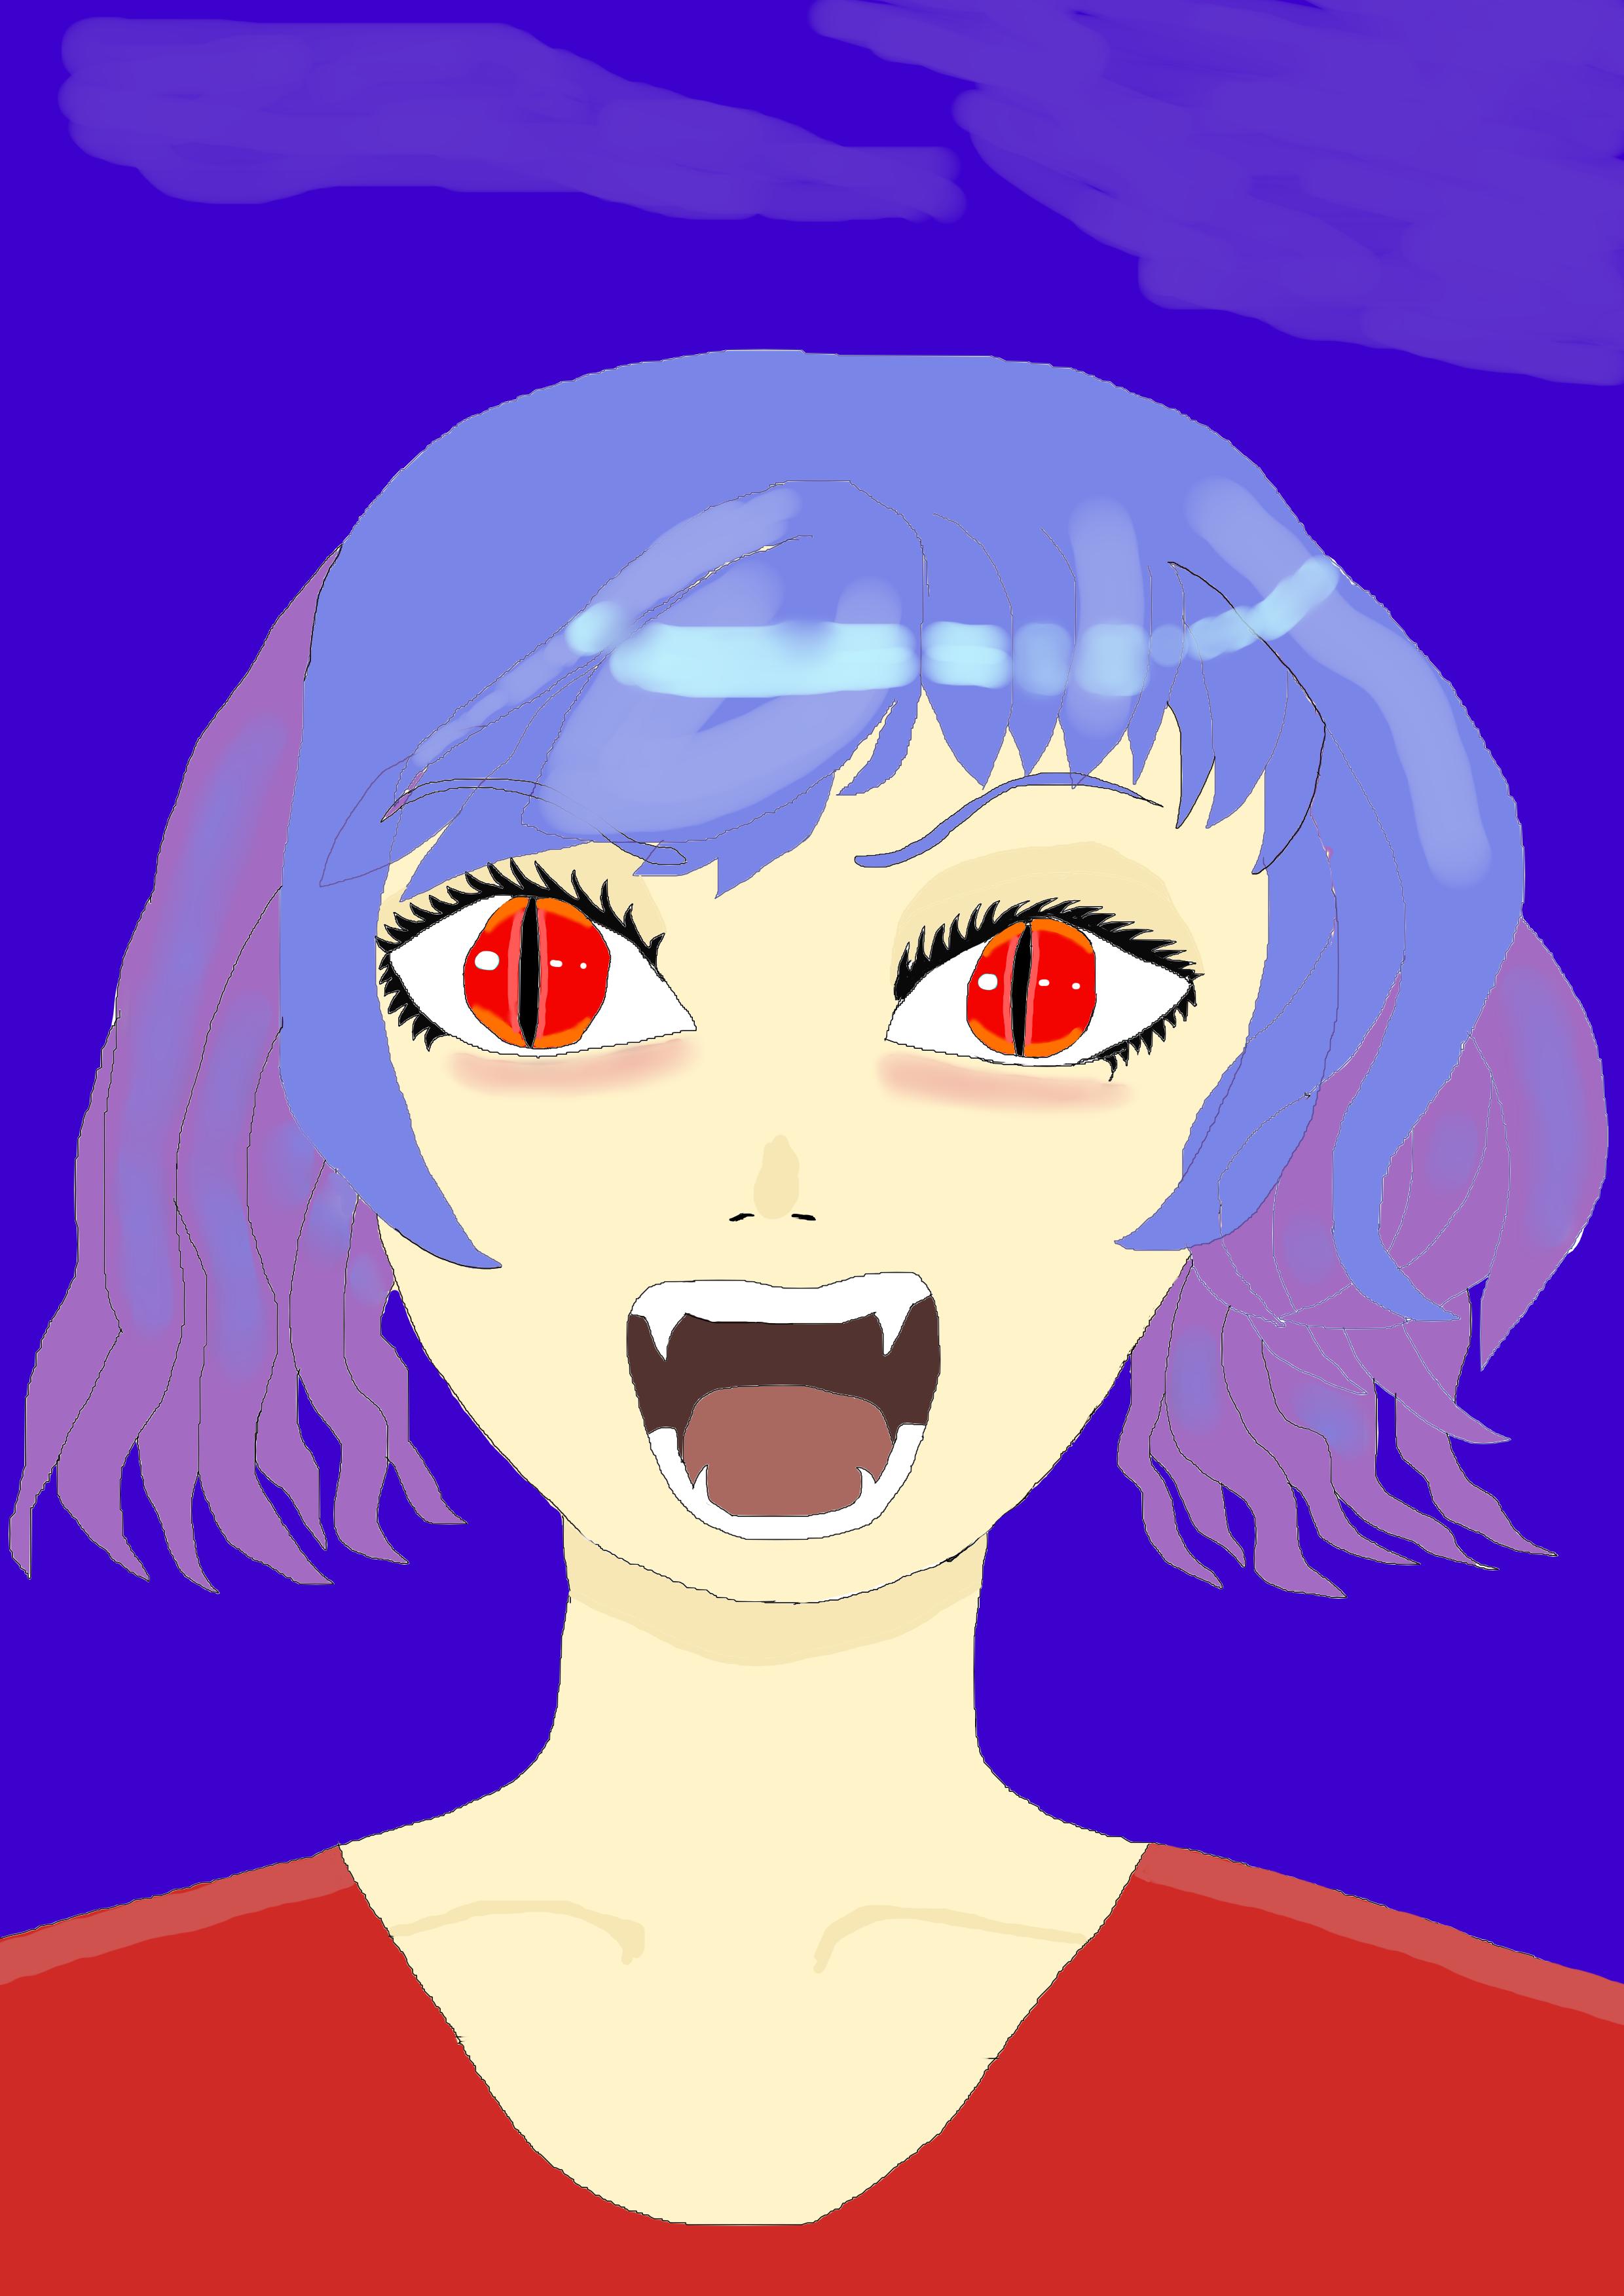 Animegirl8